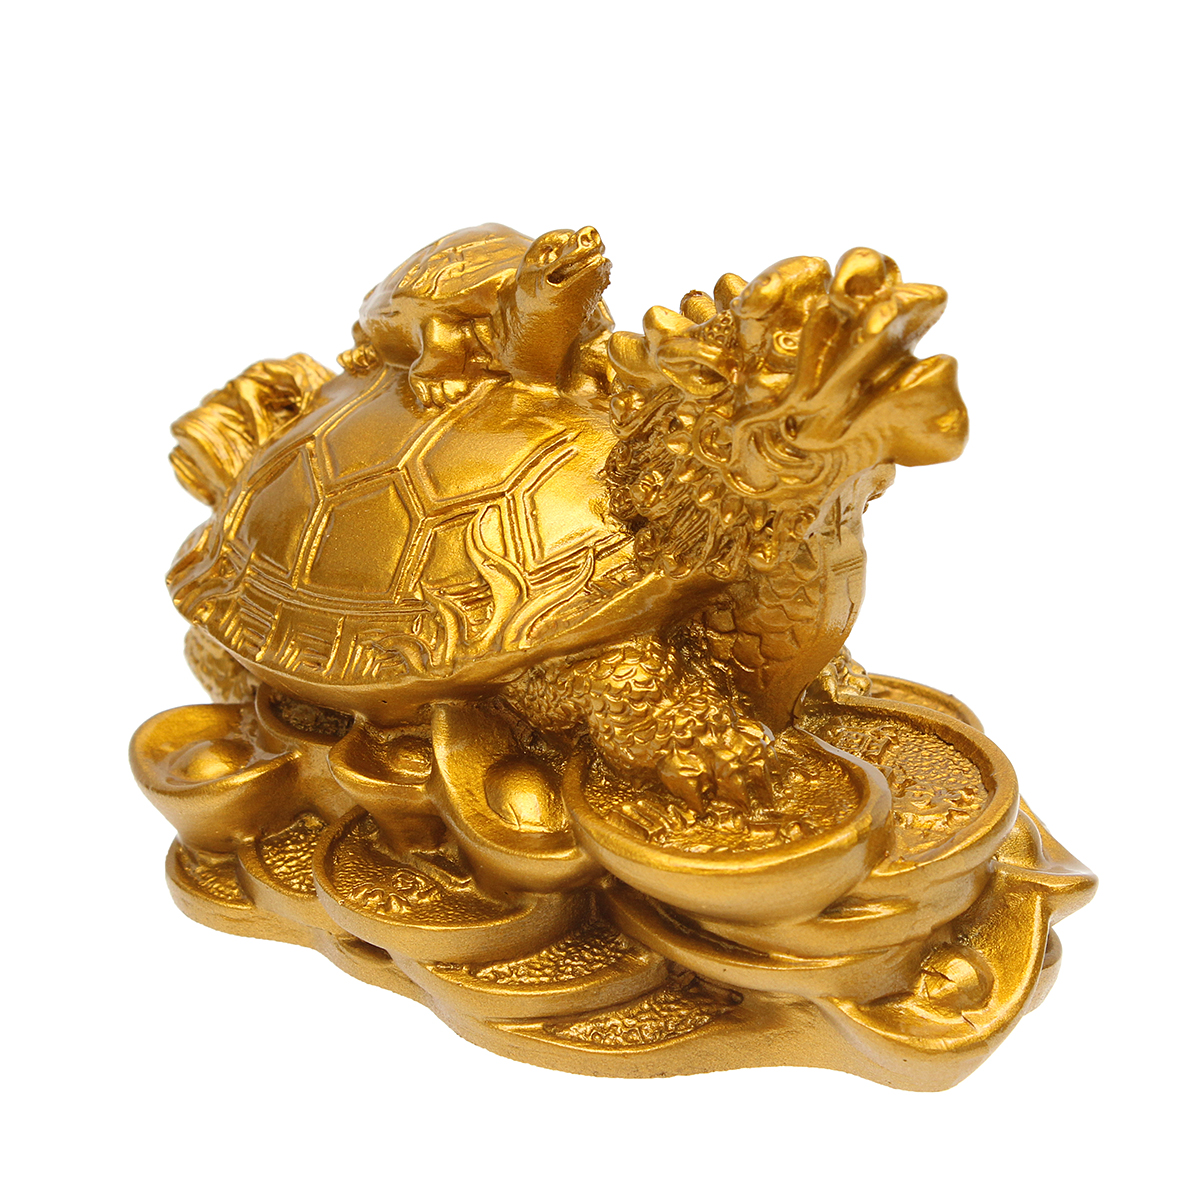 Смола Статуя Украшение Фен-шуй Дракон Черепаха Черепаха Золотая монета Деньги Богатство Статуэтка